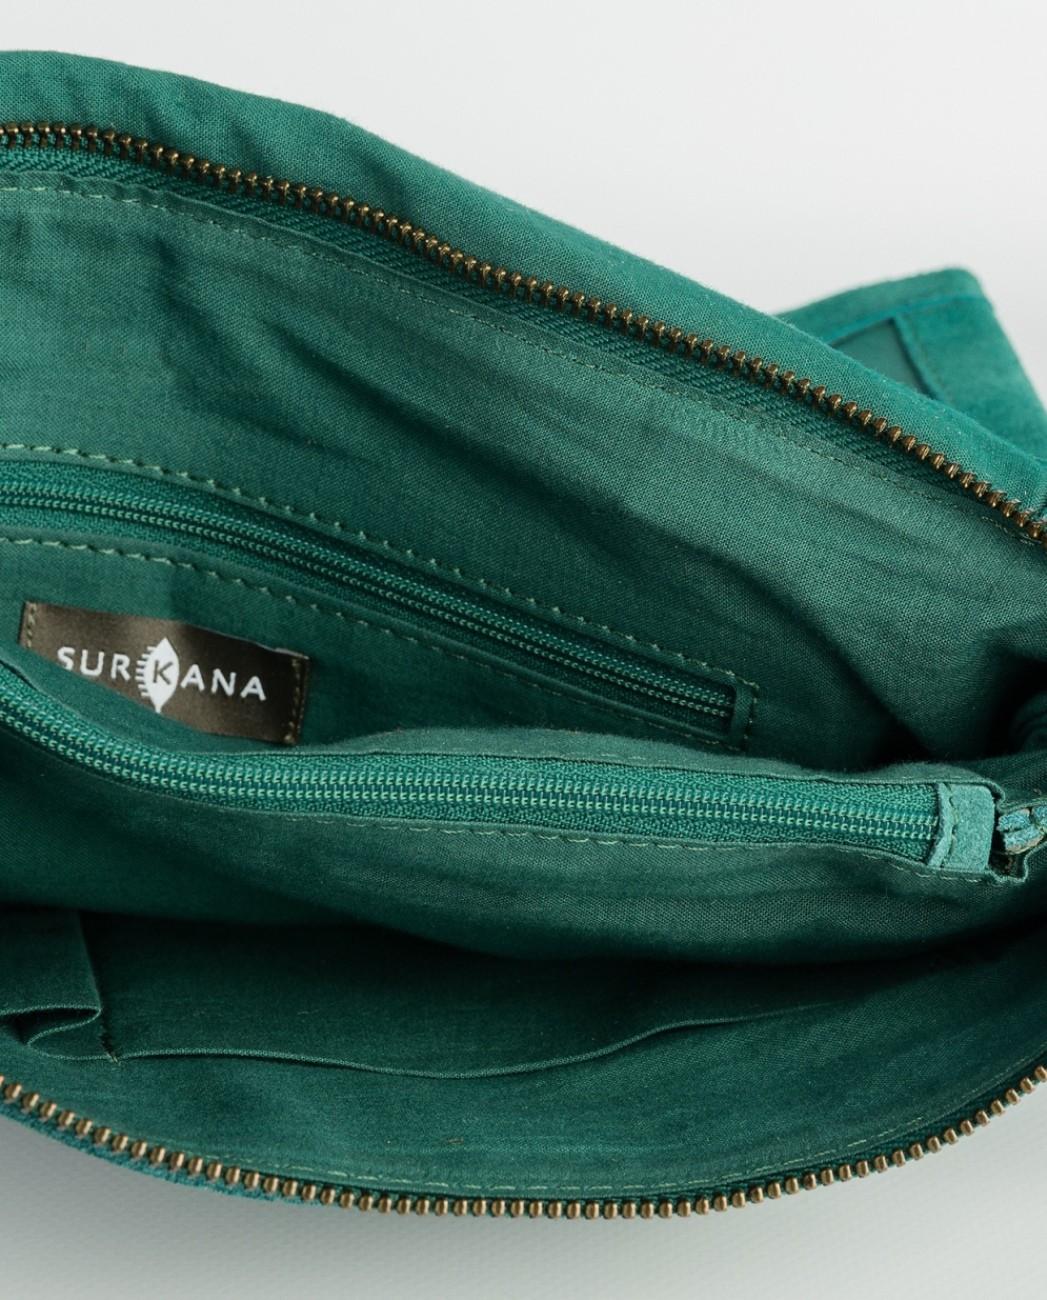 Sac en croûte de cuir vert Surkana